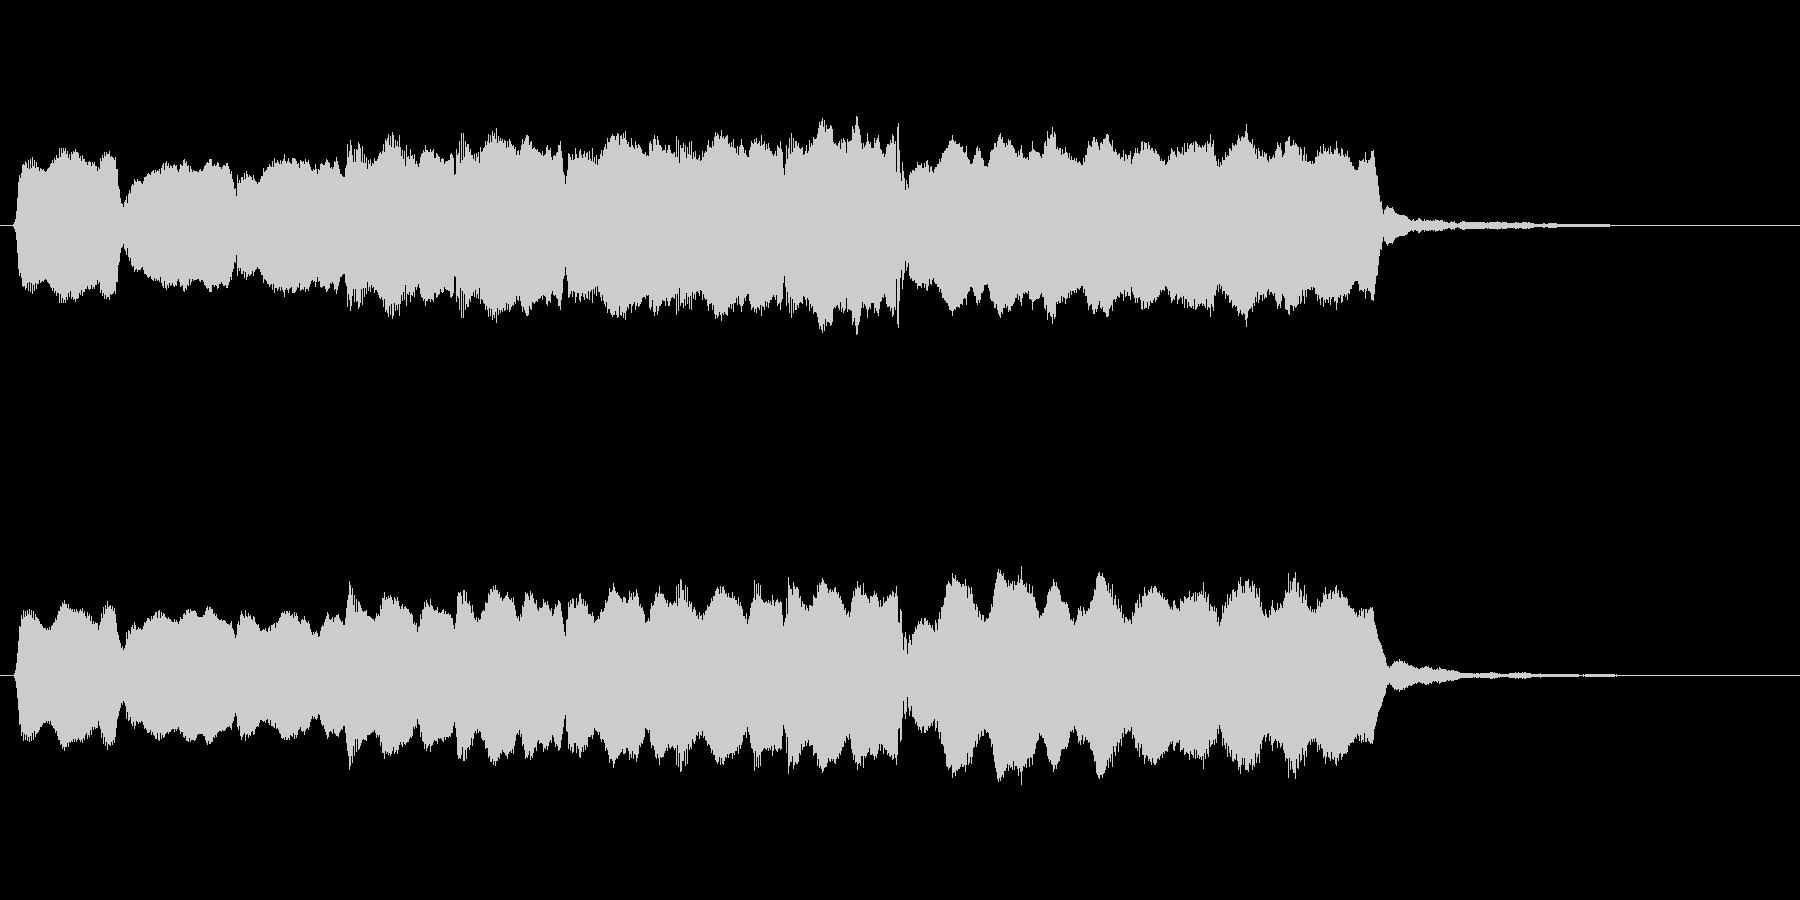 ゆったりとしたフルートのジングルの未再生の波形